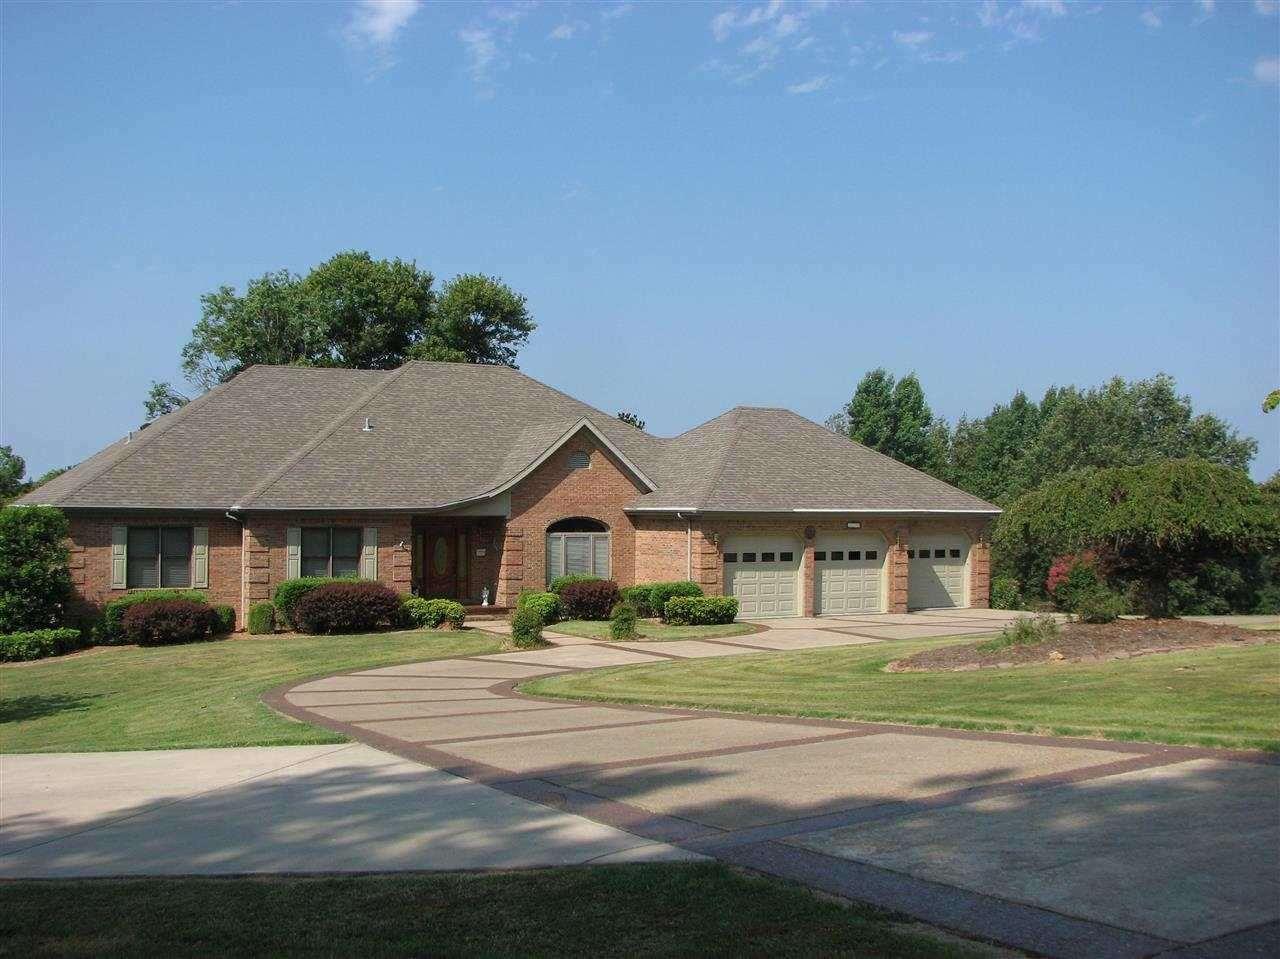 Real Estate for Sale, ListingId: 31697599, Cadiz,KY42211